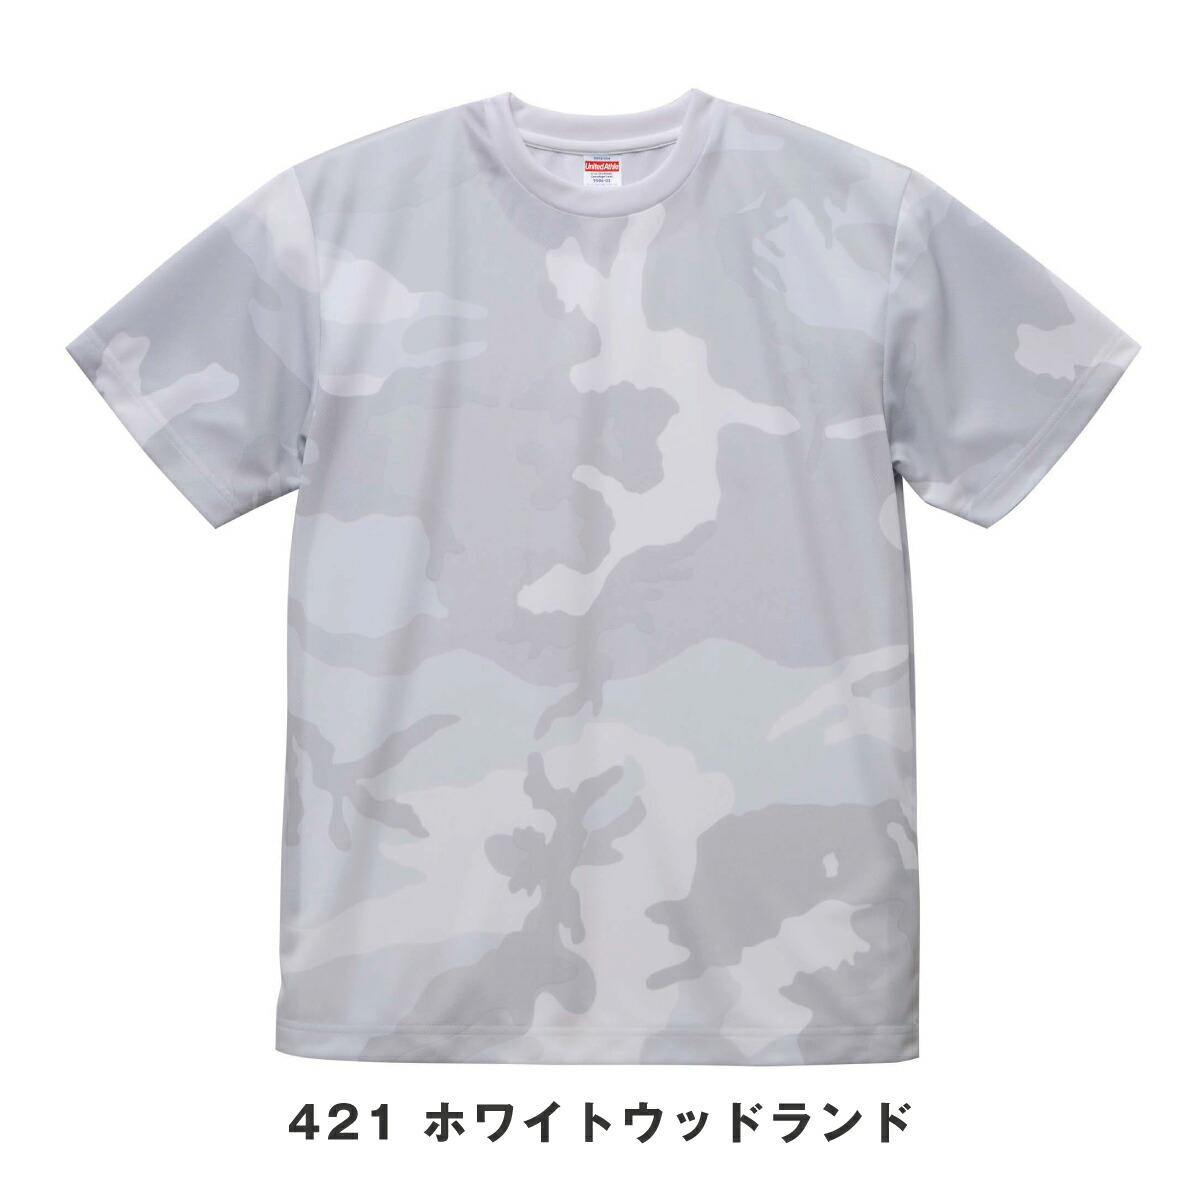 4.1オンス ドライアスレチック カモフラージュ Tシャツ